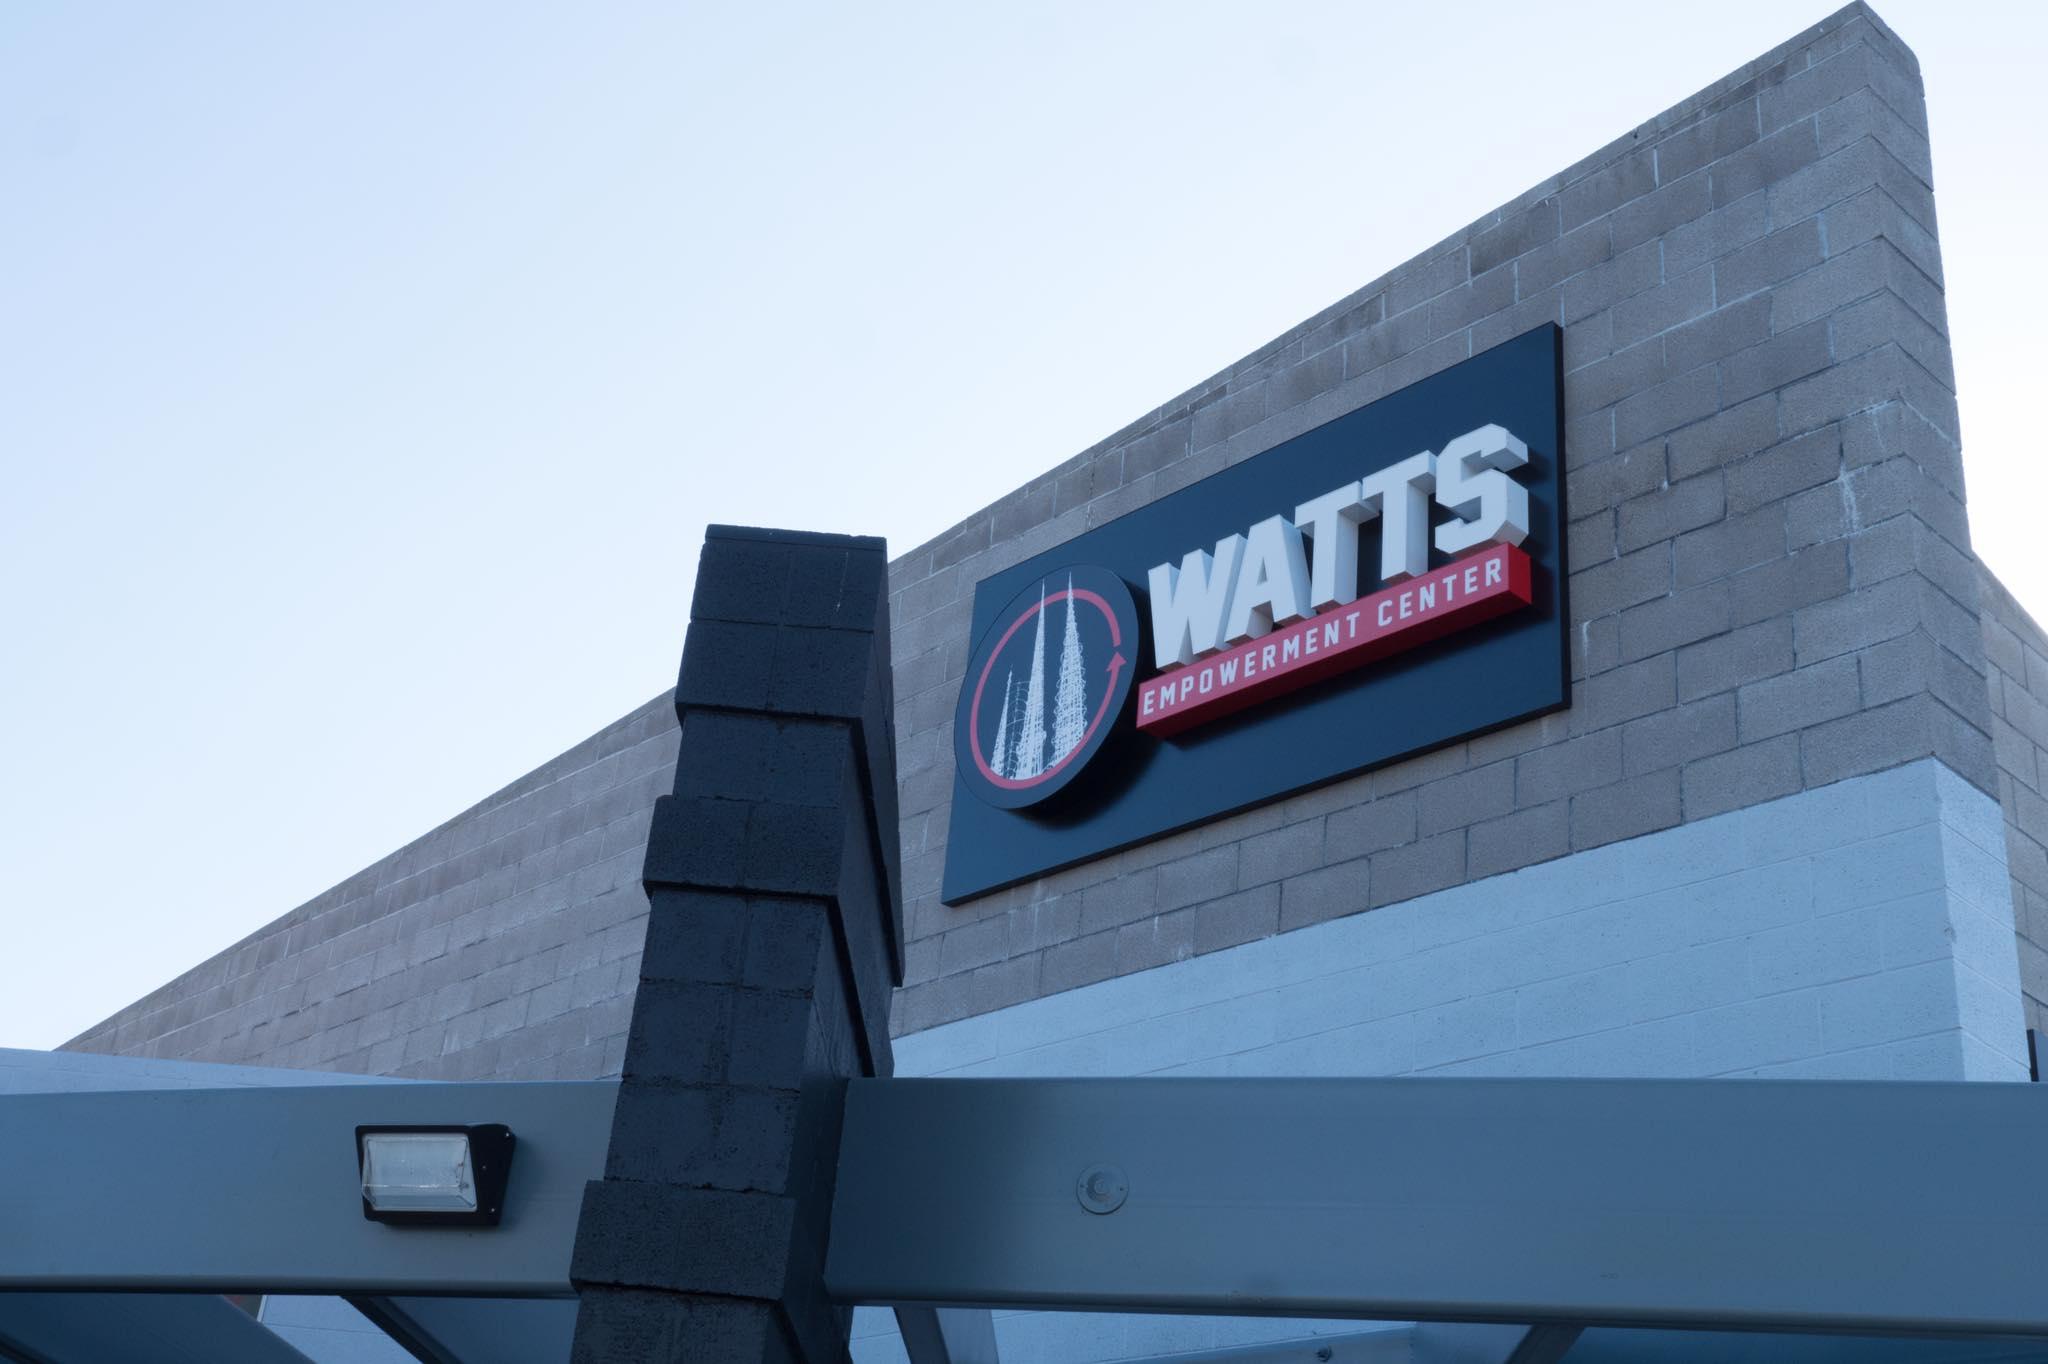 WATTS EMPOWERMENT CENTER -